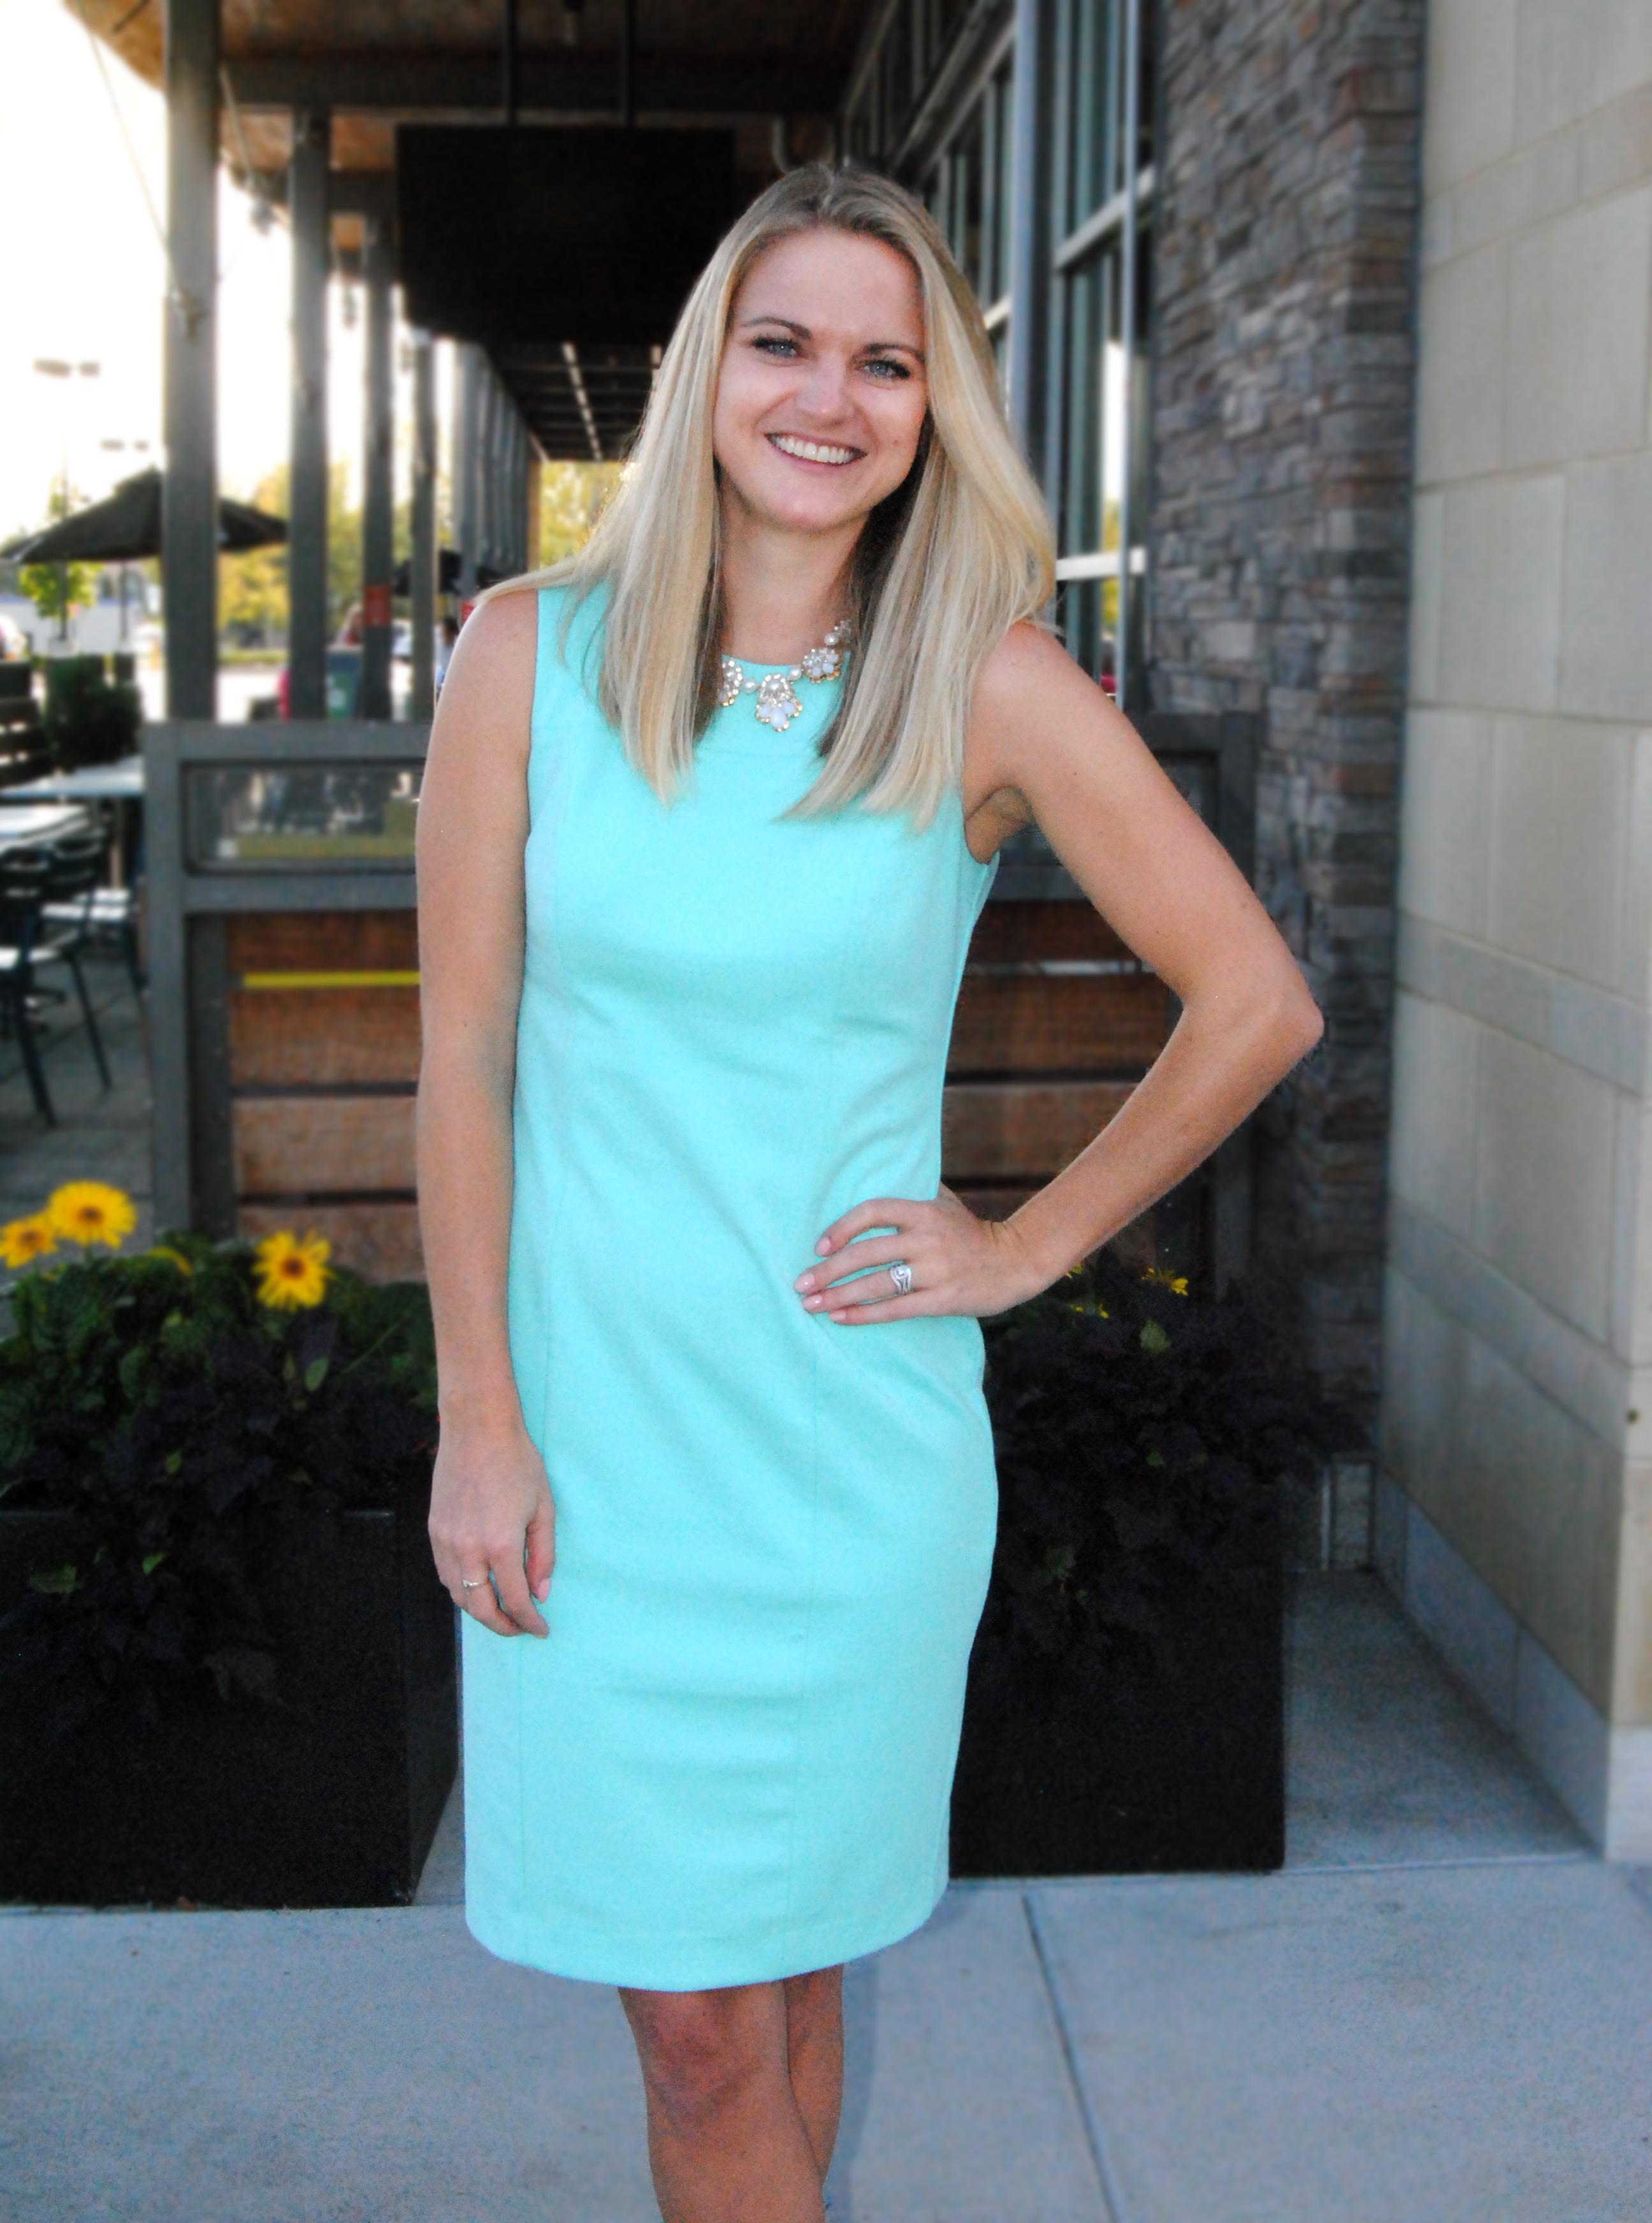 Katelyn Blyberg